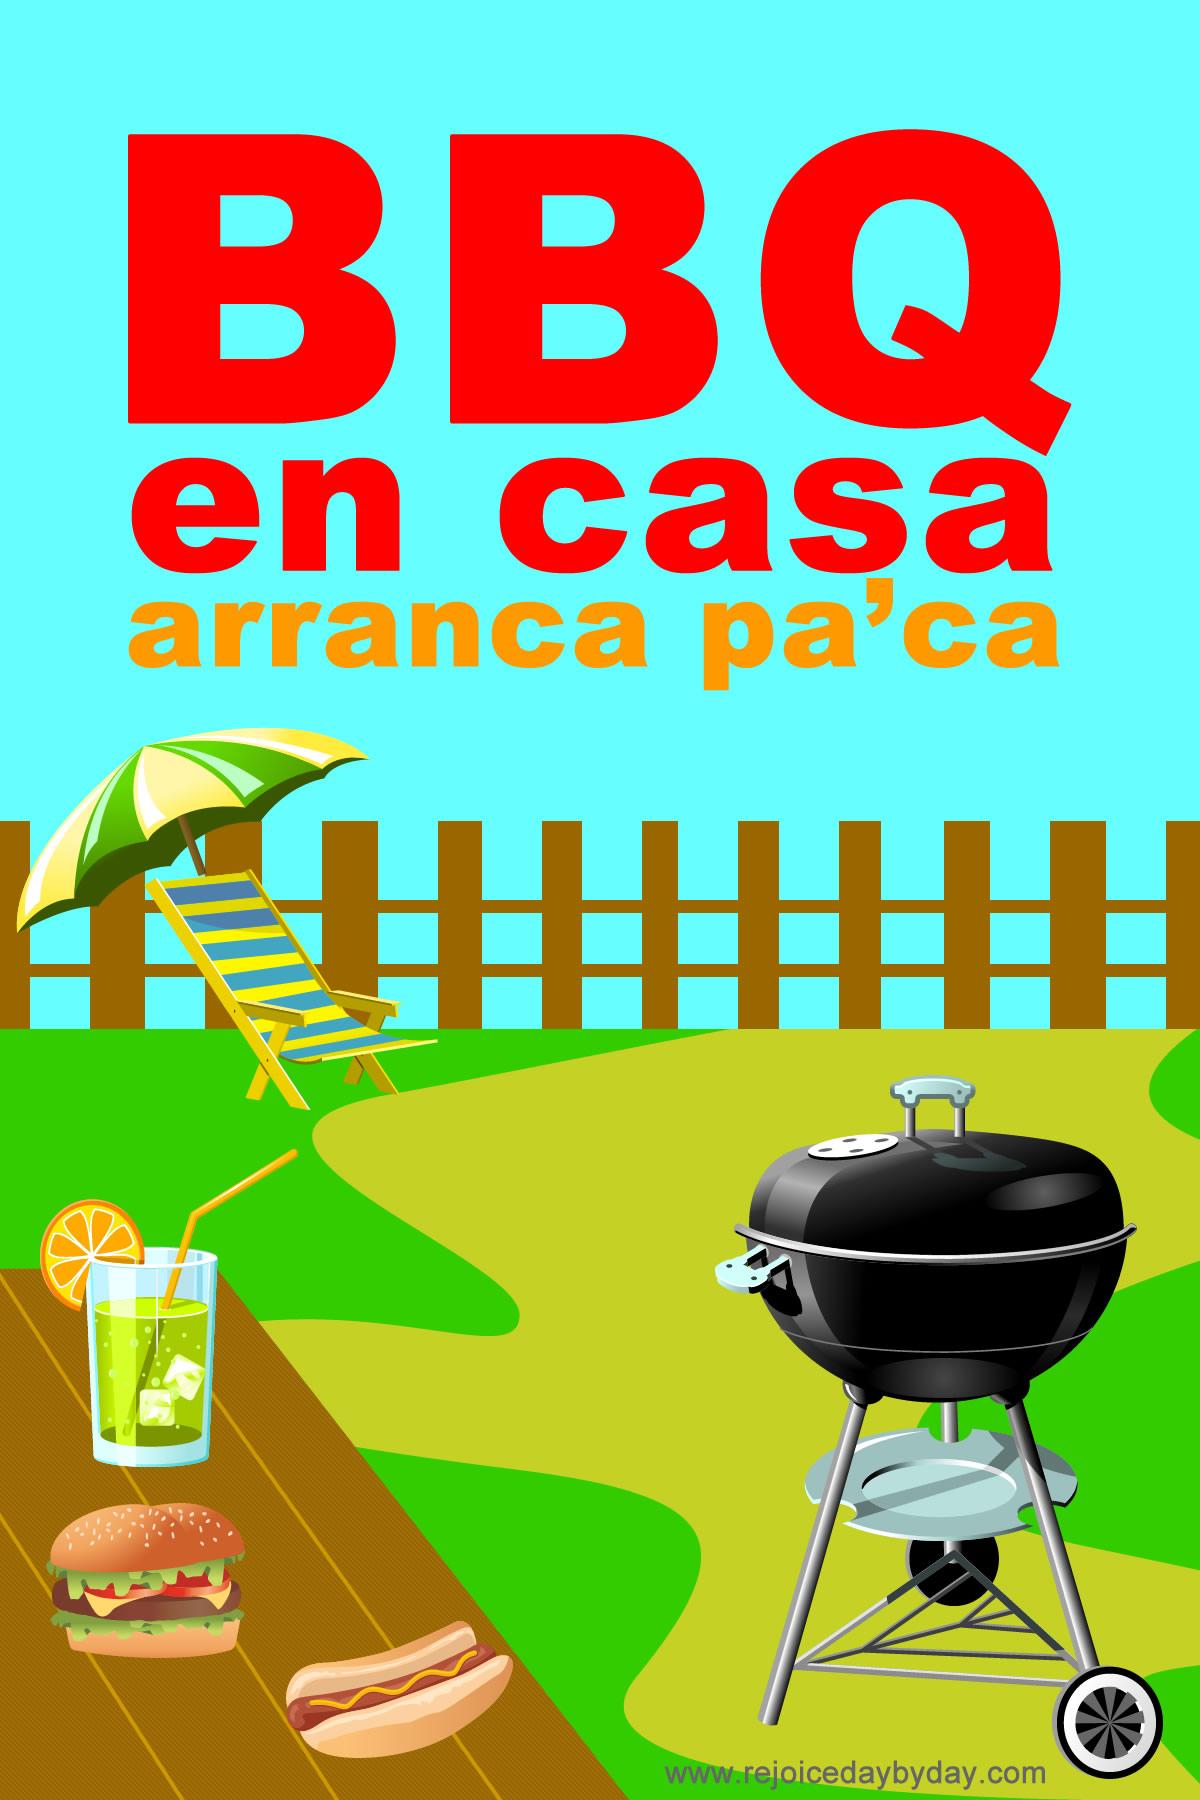 Bbq en casa rejoice daybyday - Casa del barbecue ...